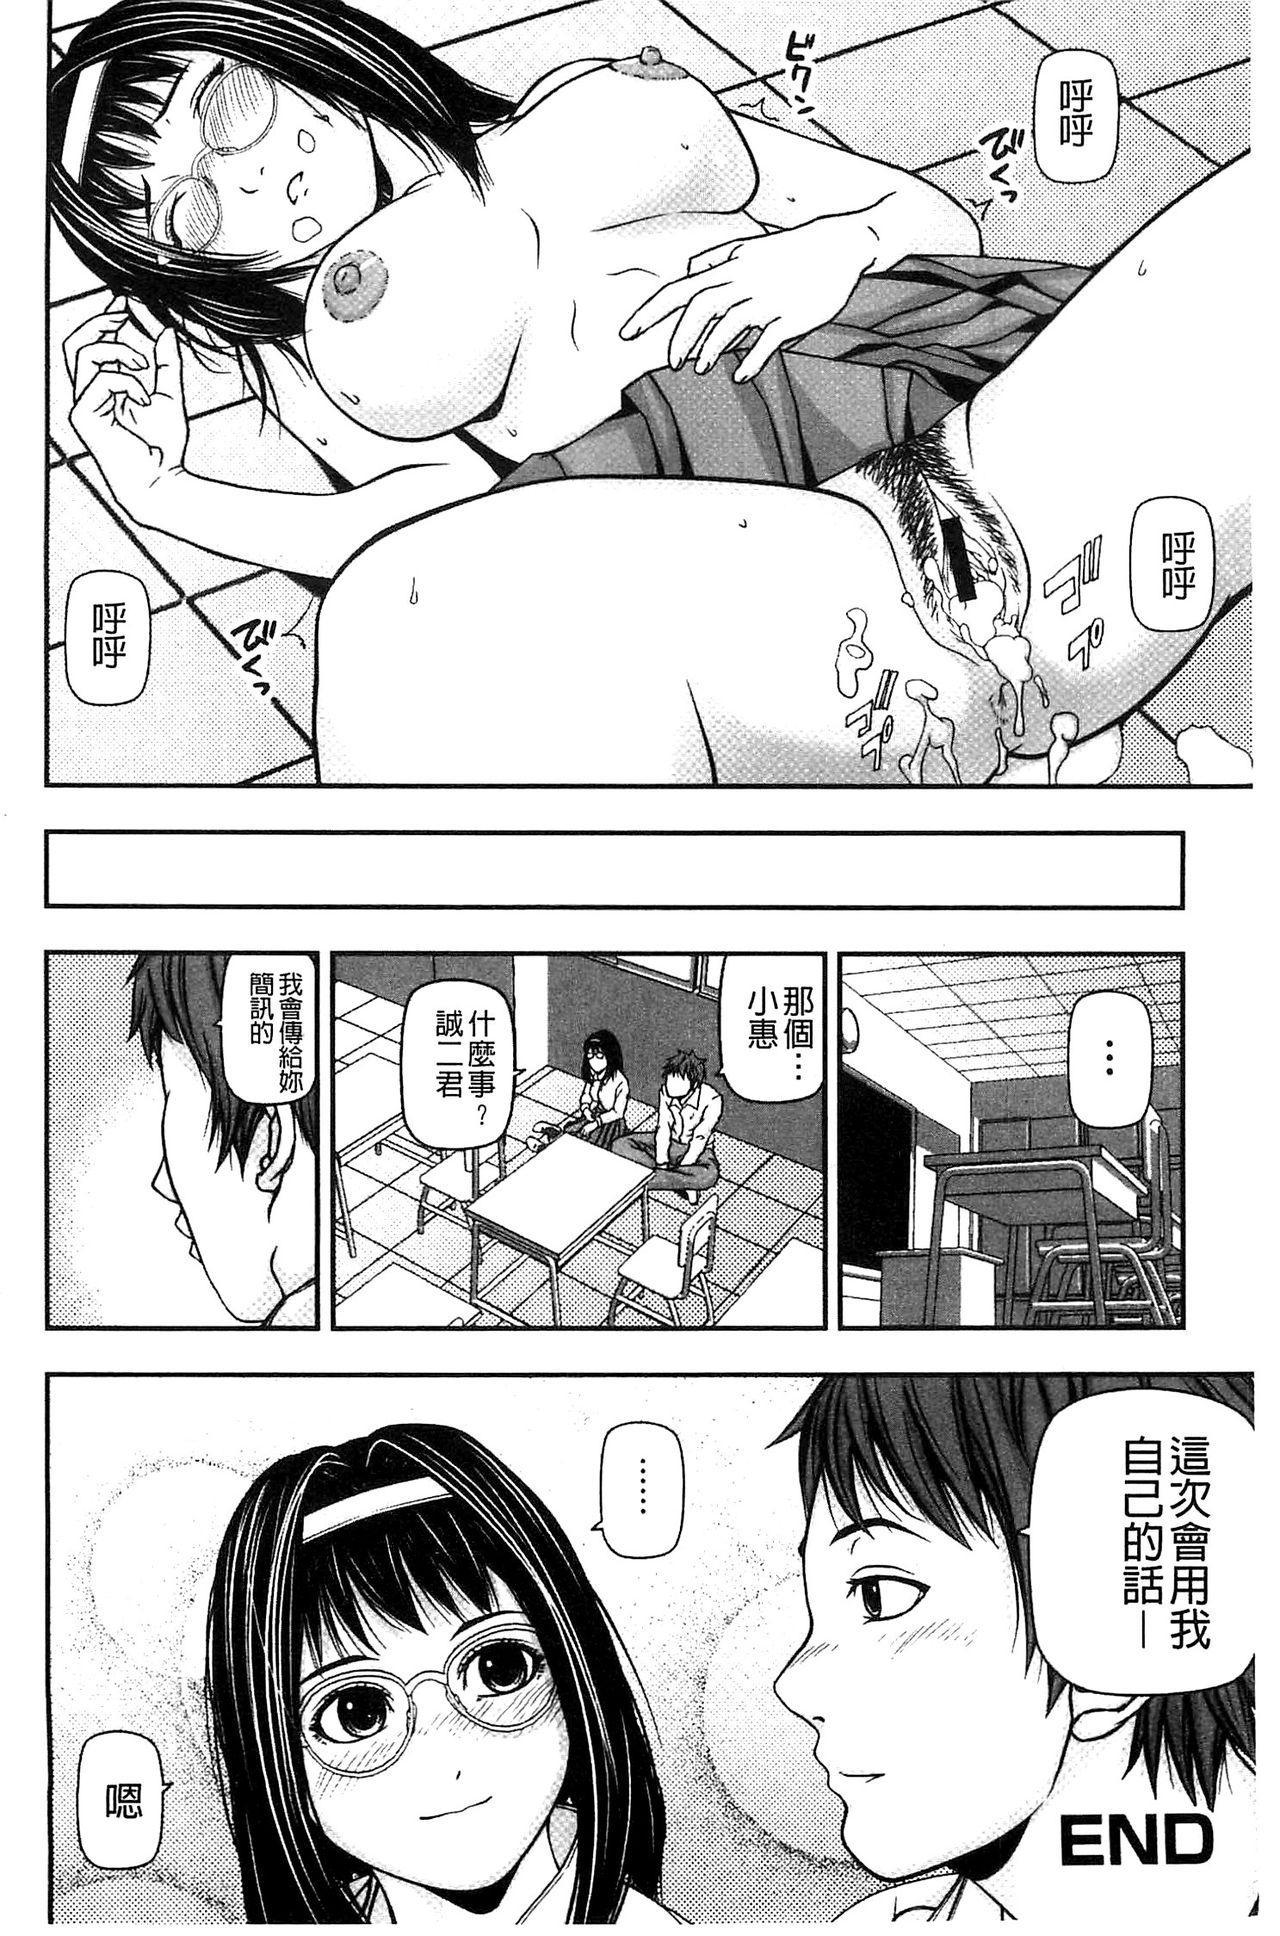 Koijirushi Love Milk | 戀印愛慾鮮乳 75